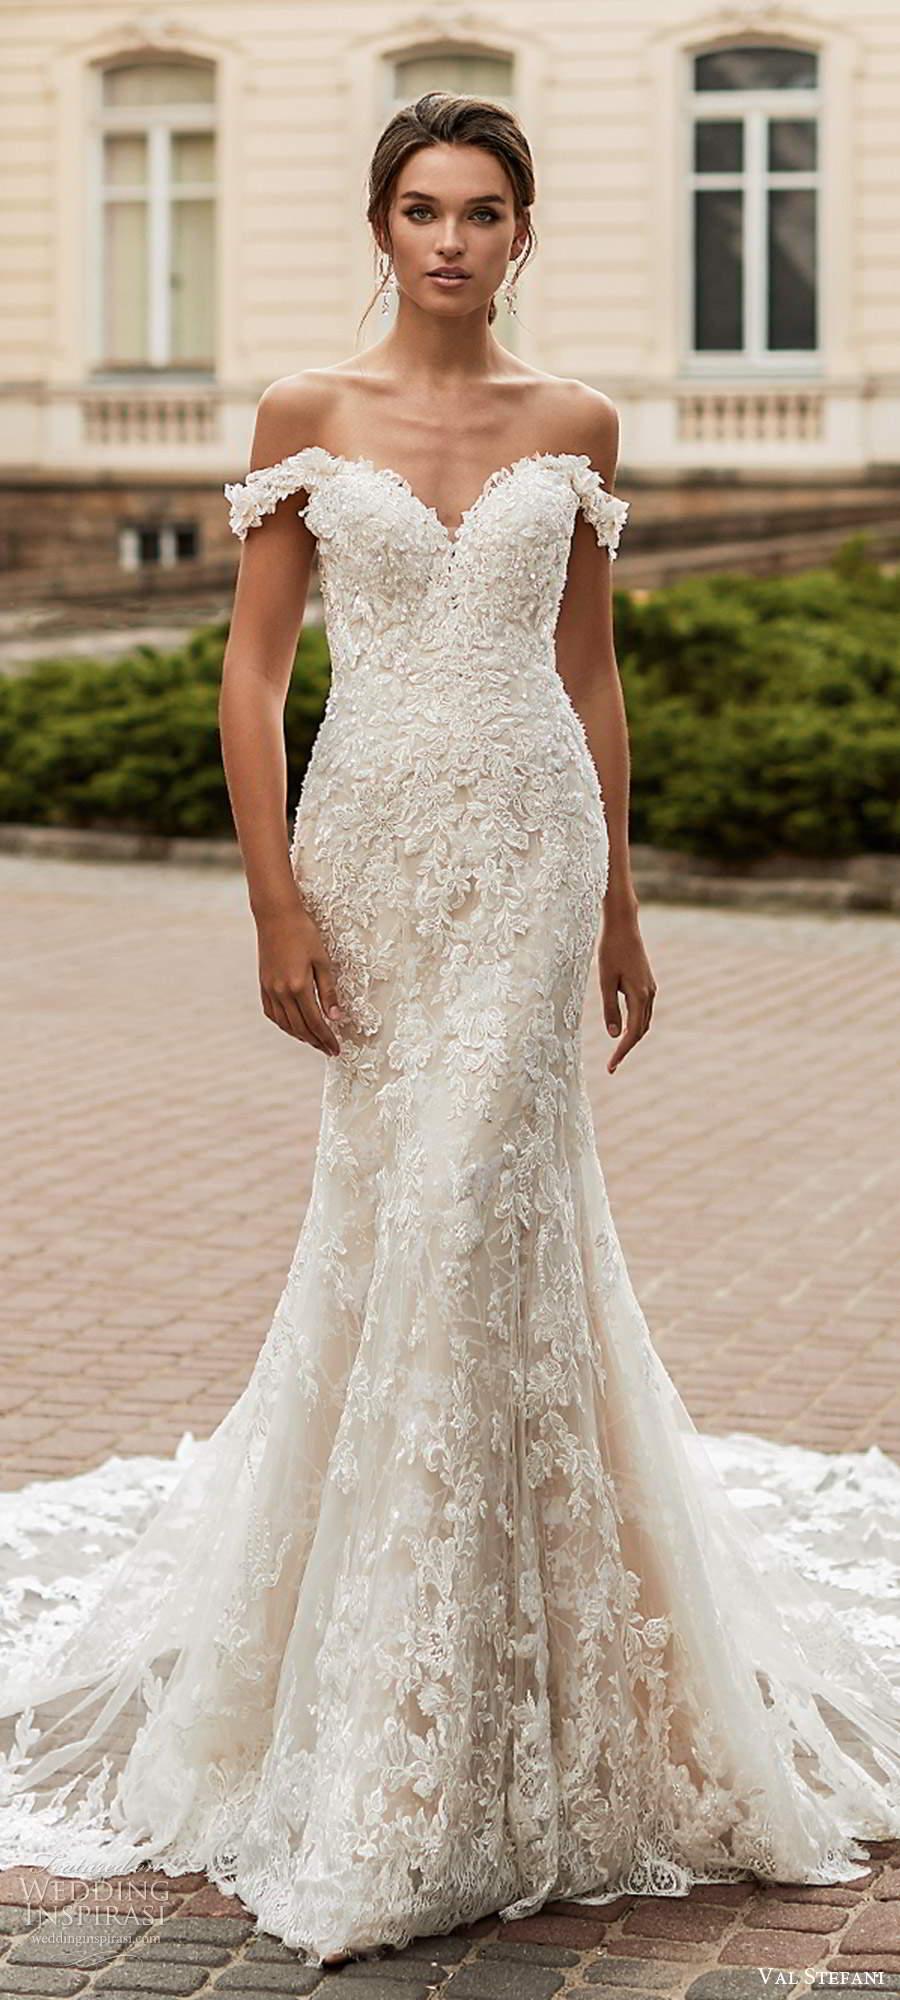 val stefani spring 2021 bridal off shoulder straps sweetheart neckline fully embellished fit flare wedding dress chapel train (6) lv